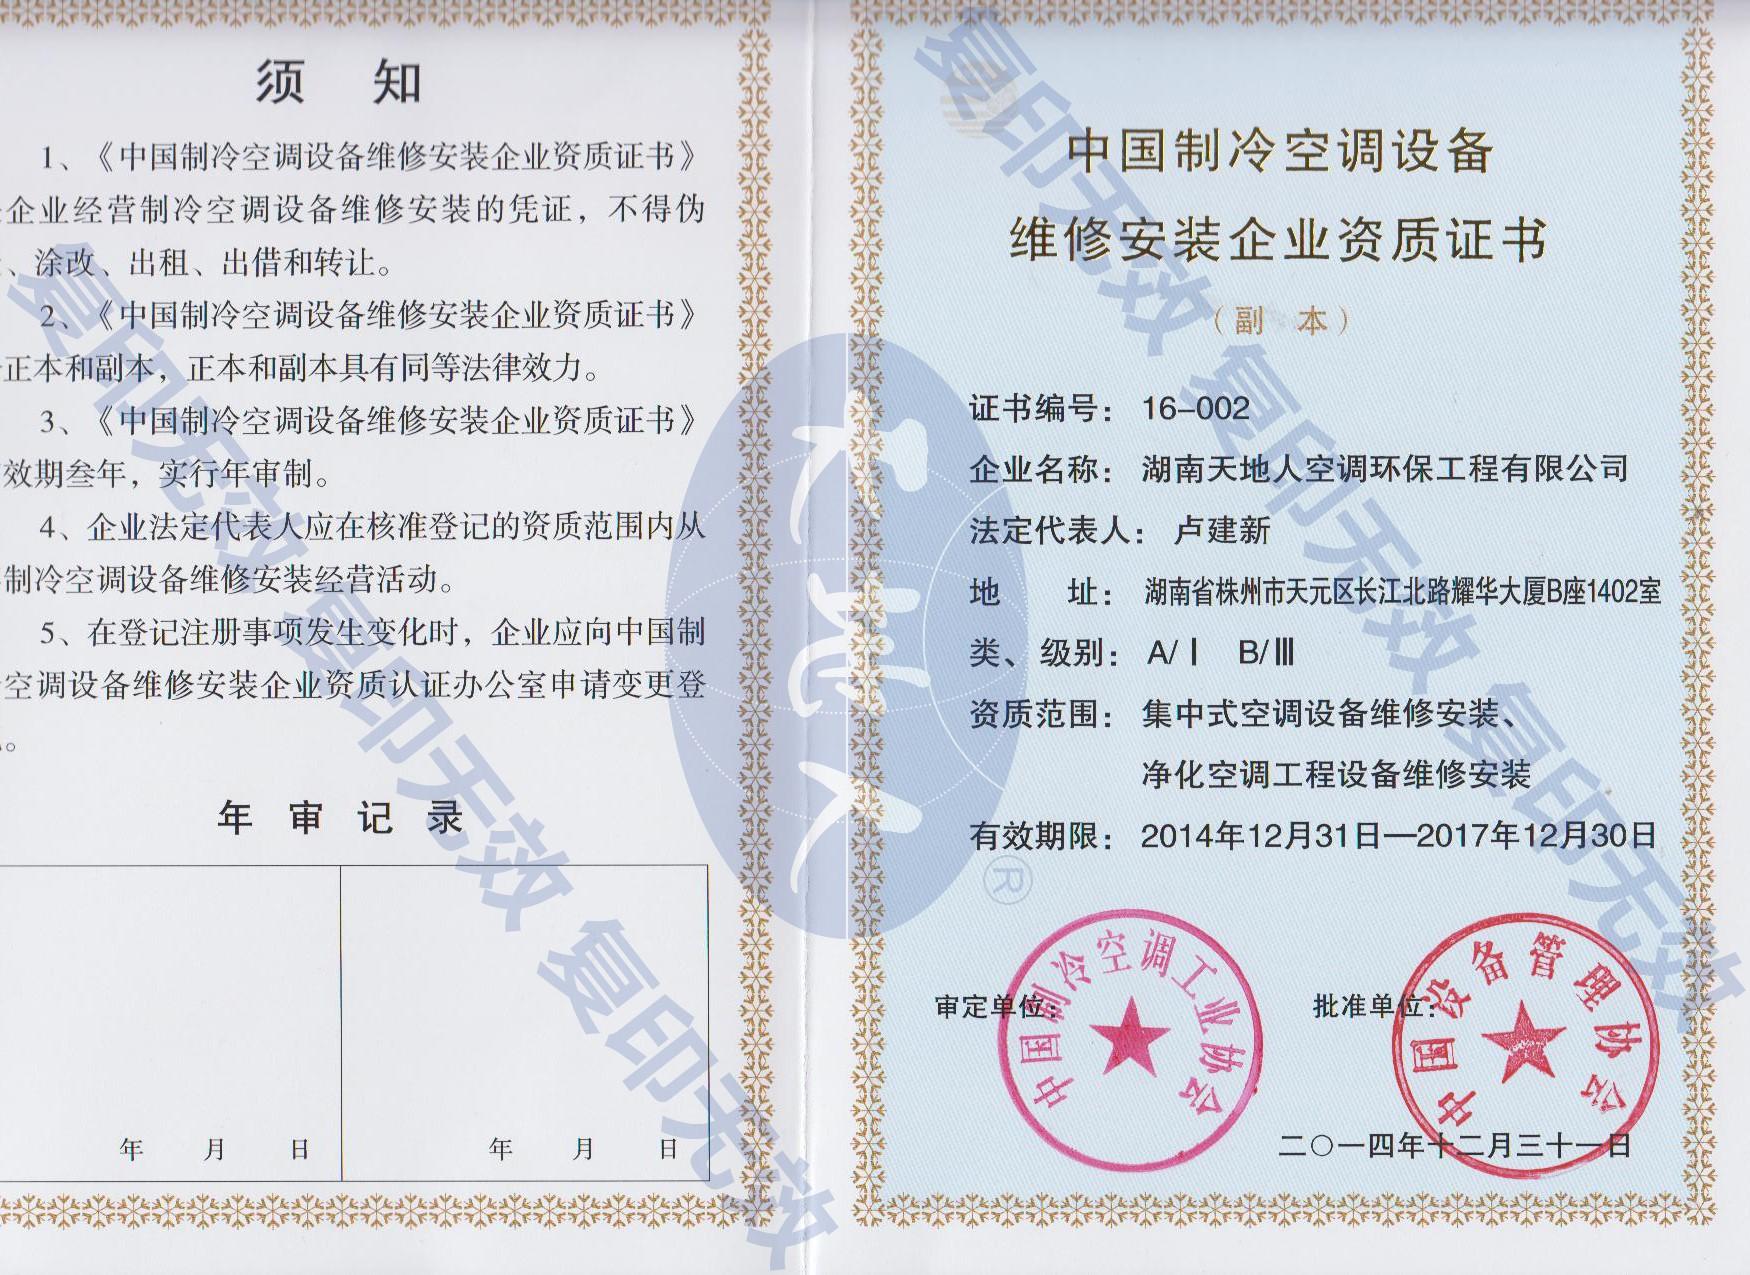 维修安装企业资质证书